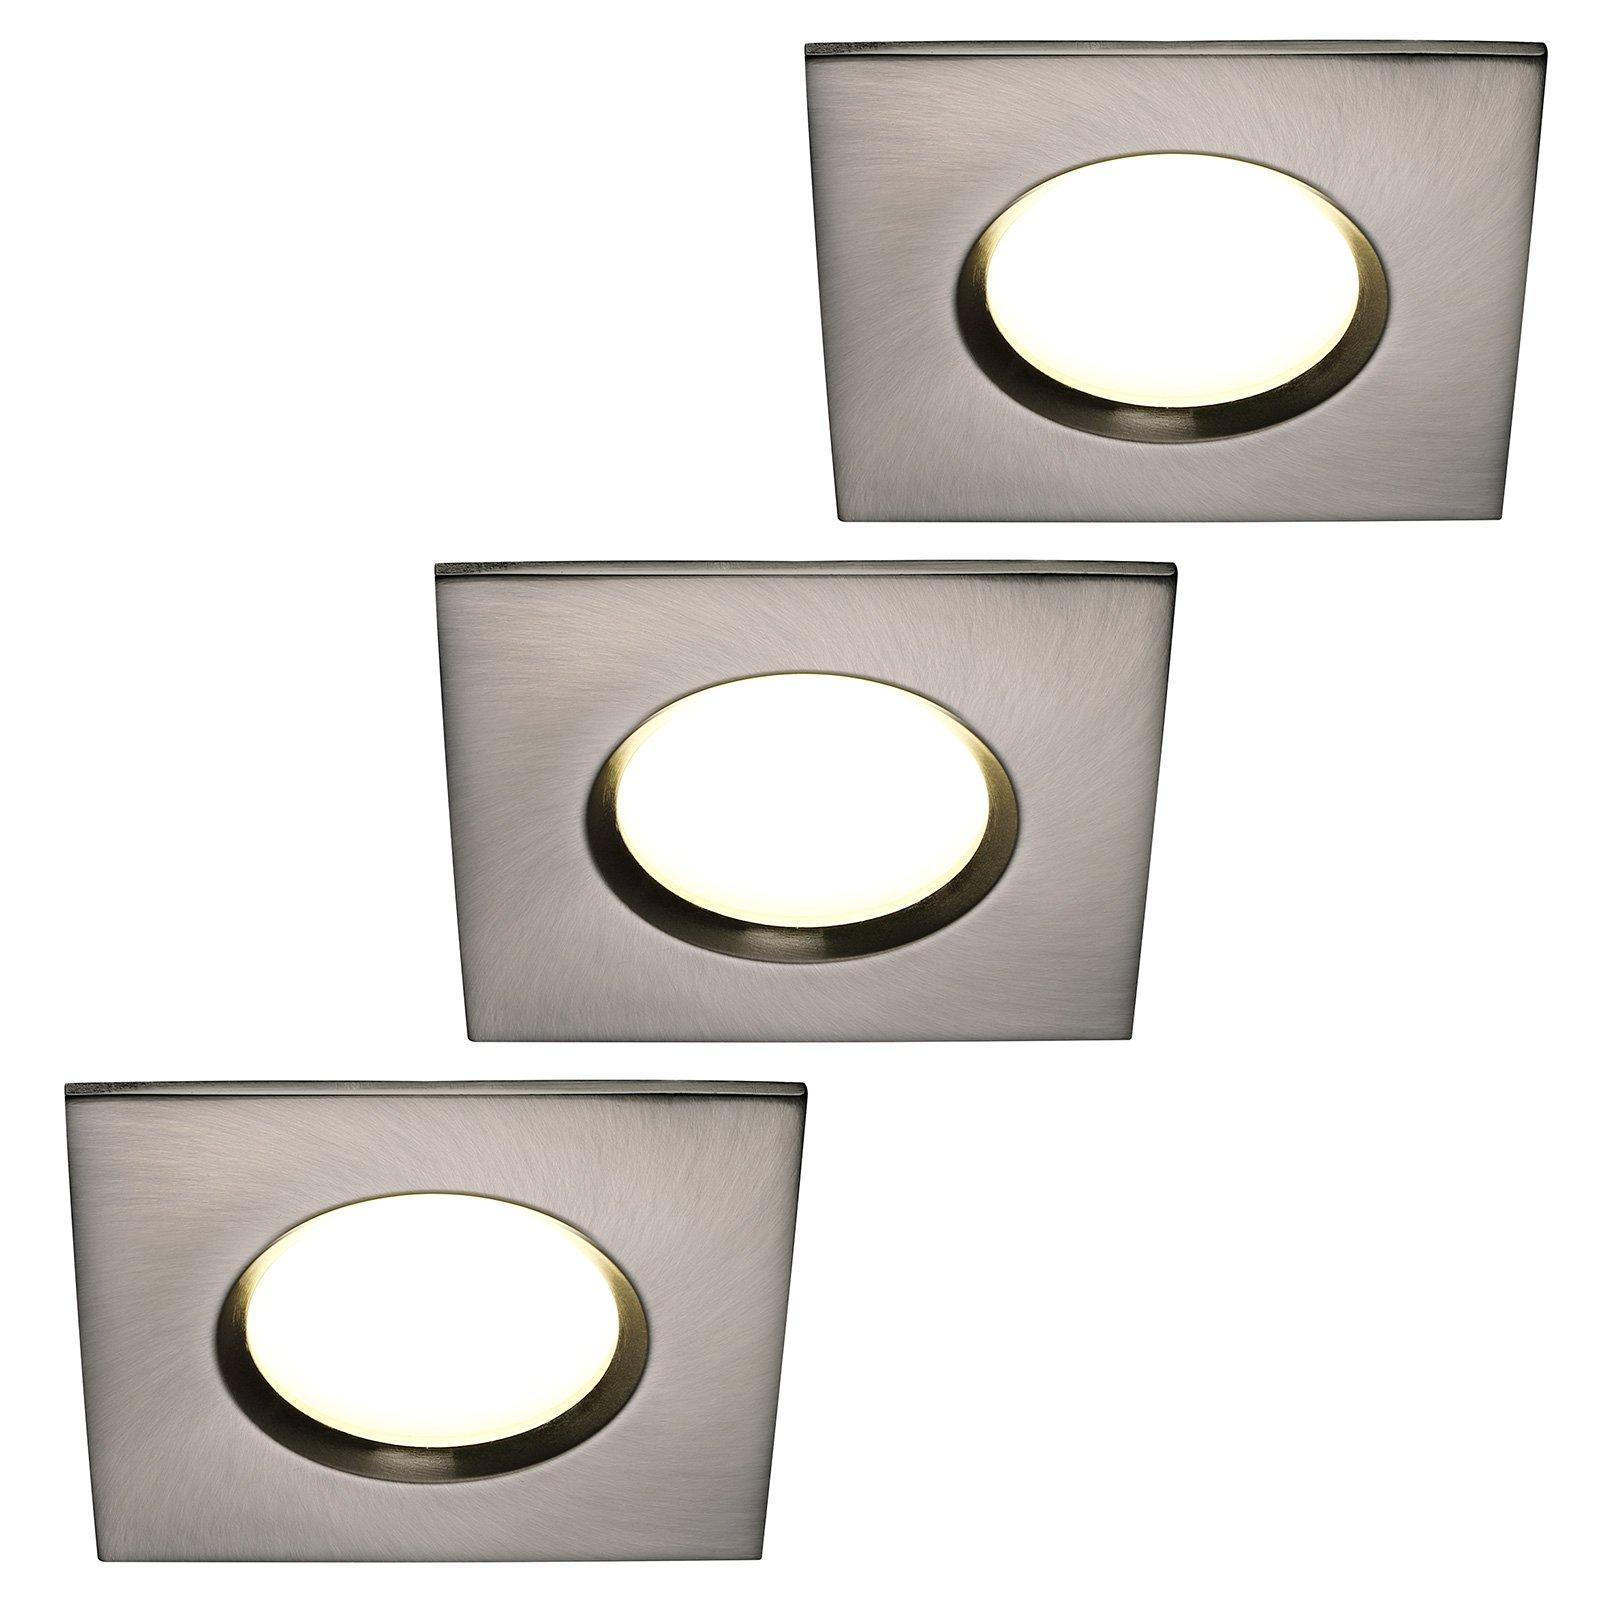 LED-downlight Clarkson 3-er-sett, kantet, stål